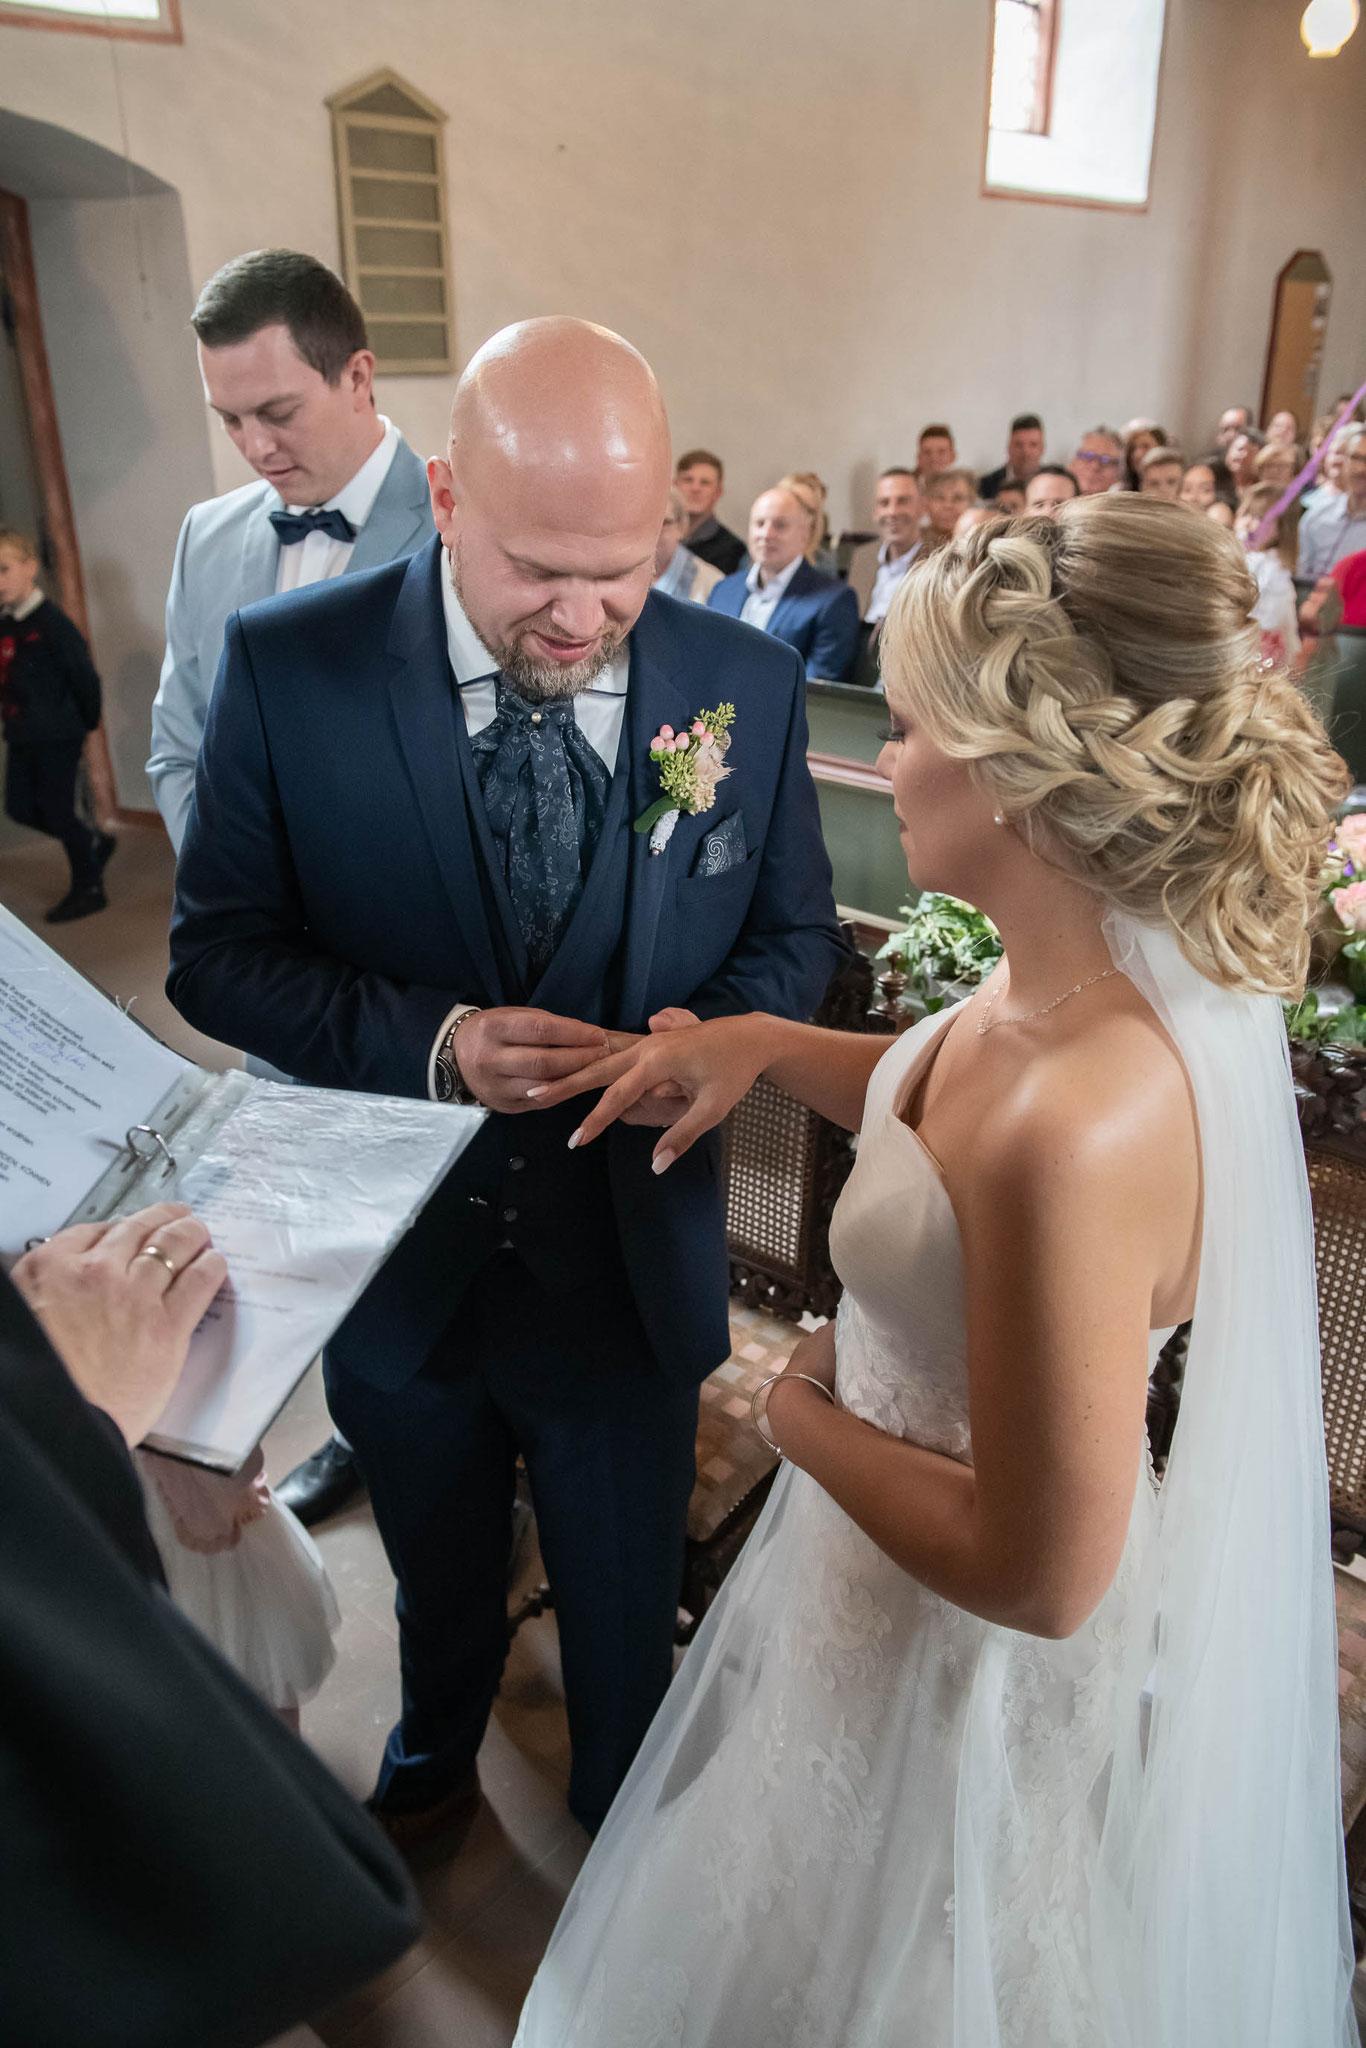 Bräutigam steckt der Braut den Trauring an